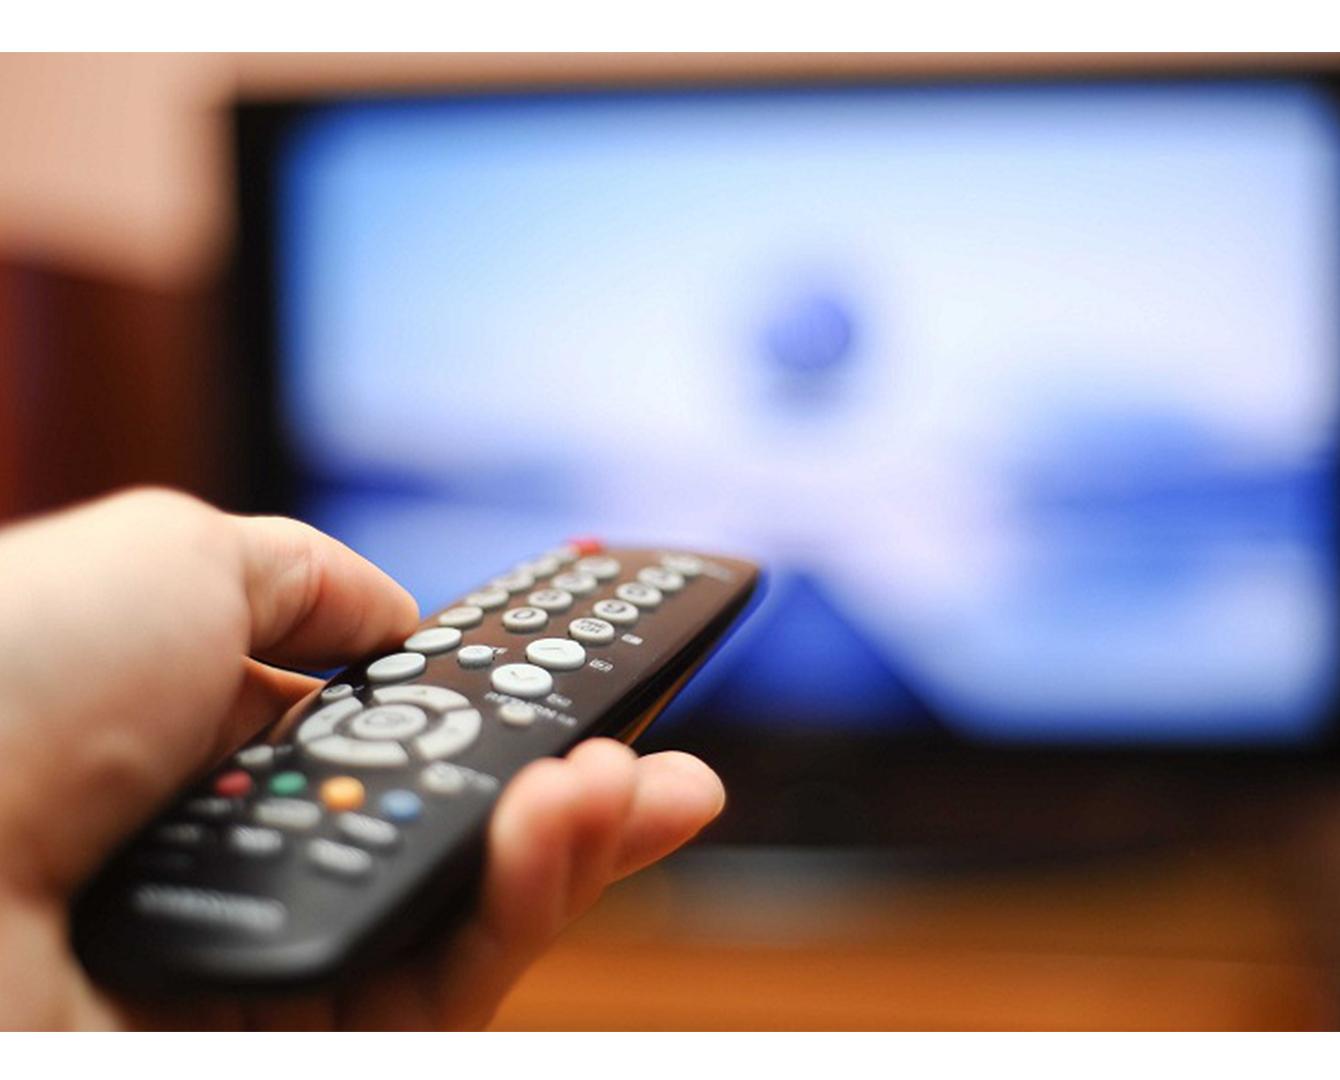 Вещание телерадиоканалов приостановят в Казахстане 17 апреля